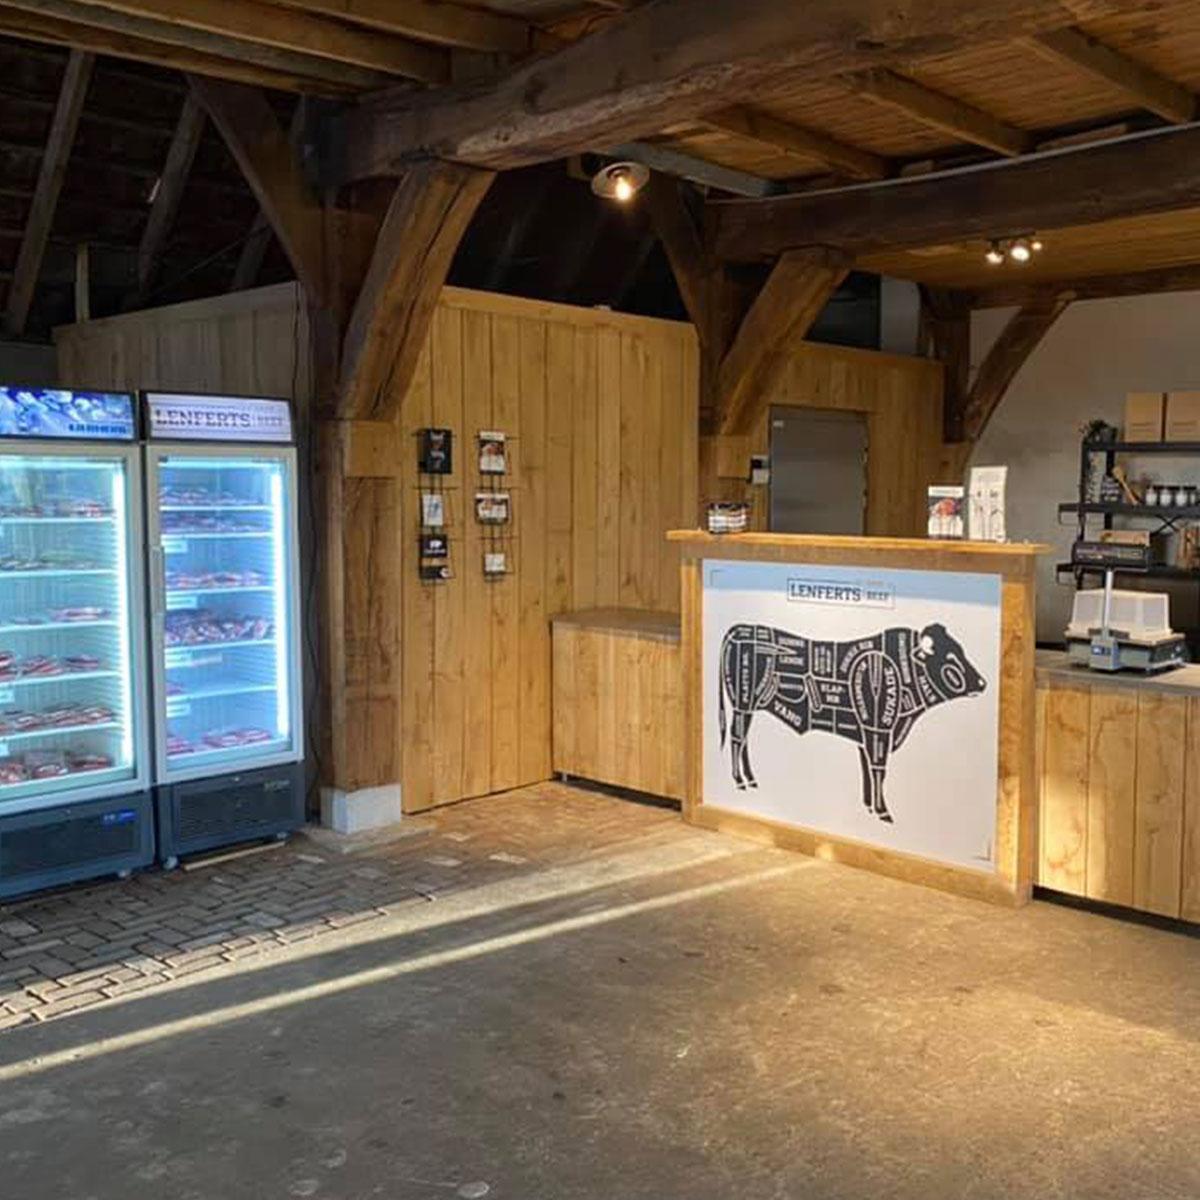 lenferts-beef-boerderijwinkel-fleringen-twente